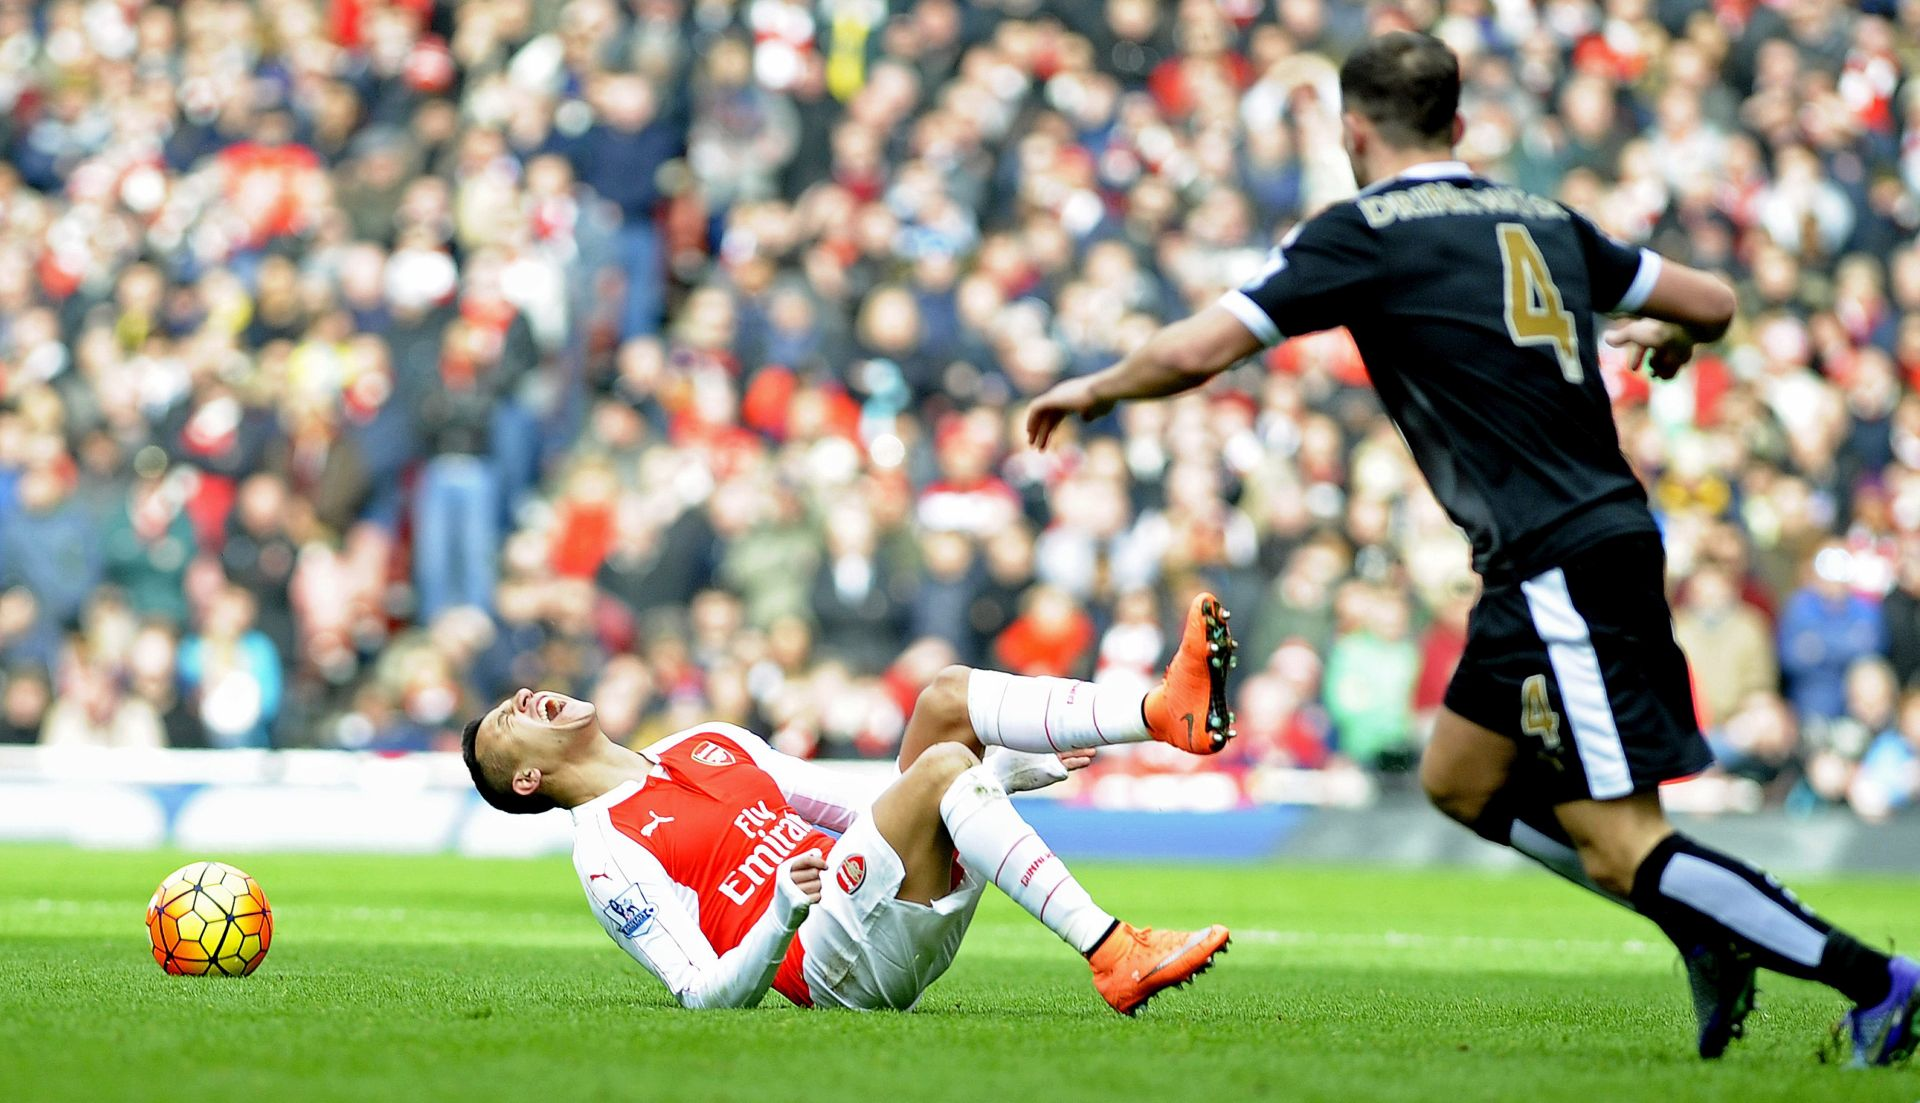 Engleska: Leicester pao u posljednjoj minuti protiv Arsenala